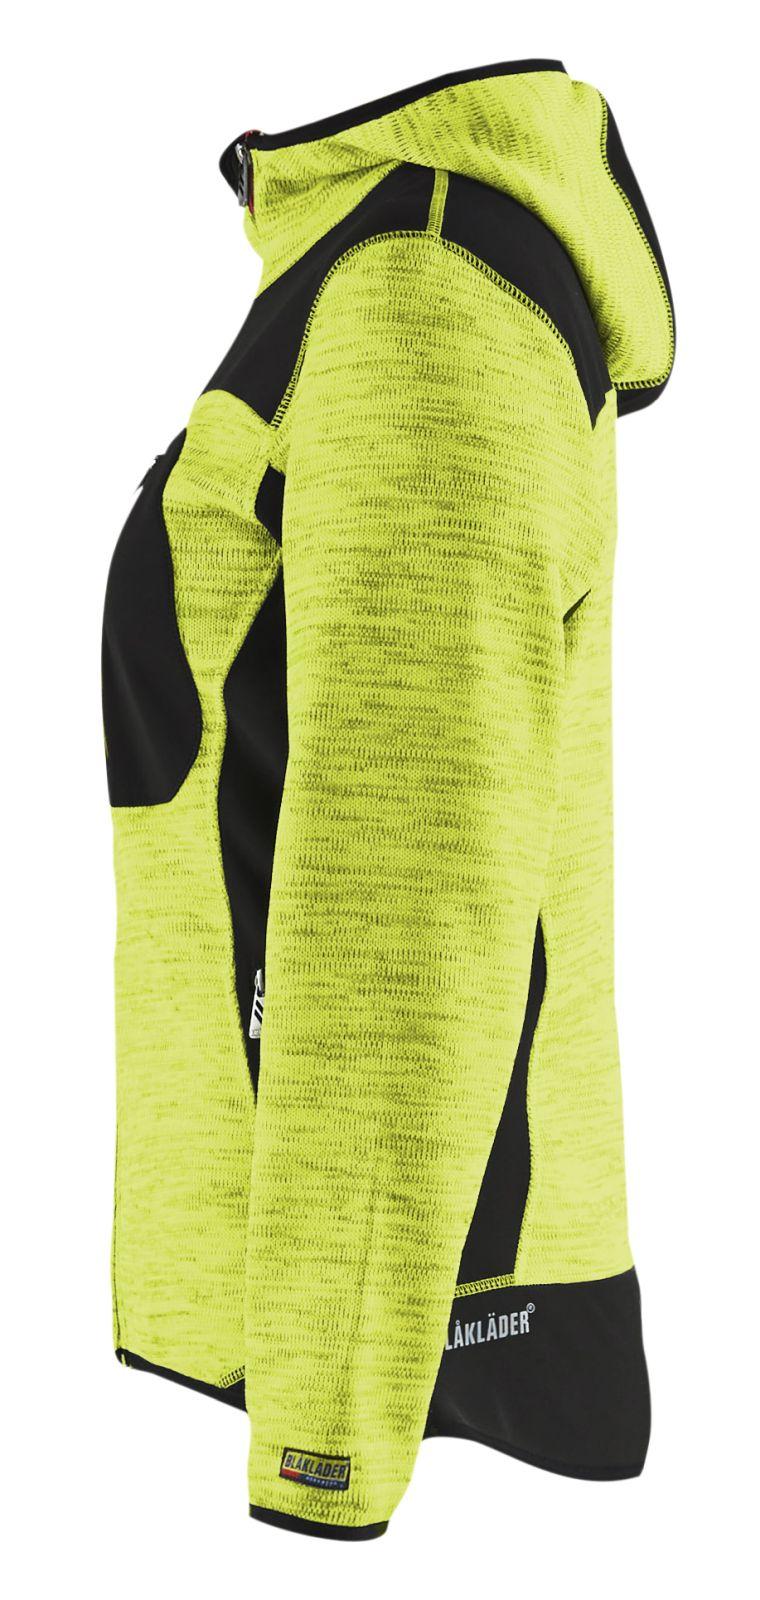 Blaklader Gebreide damesvesten 49312117 fluo geel-zwart(3399)